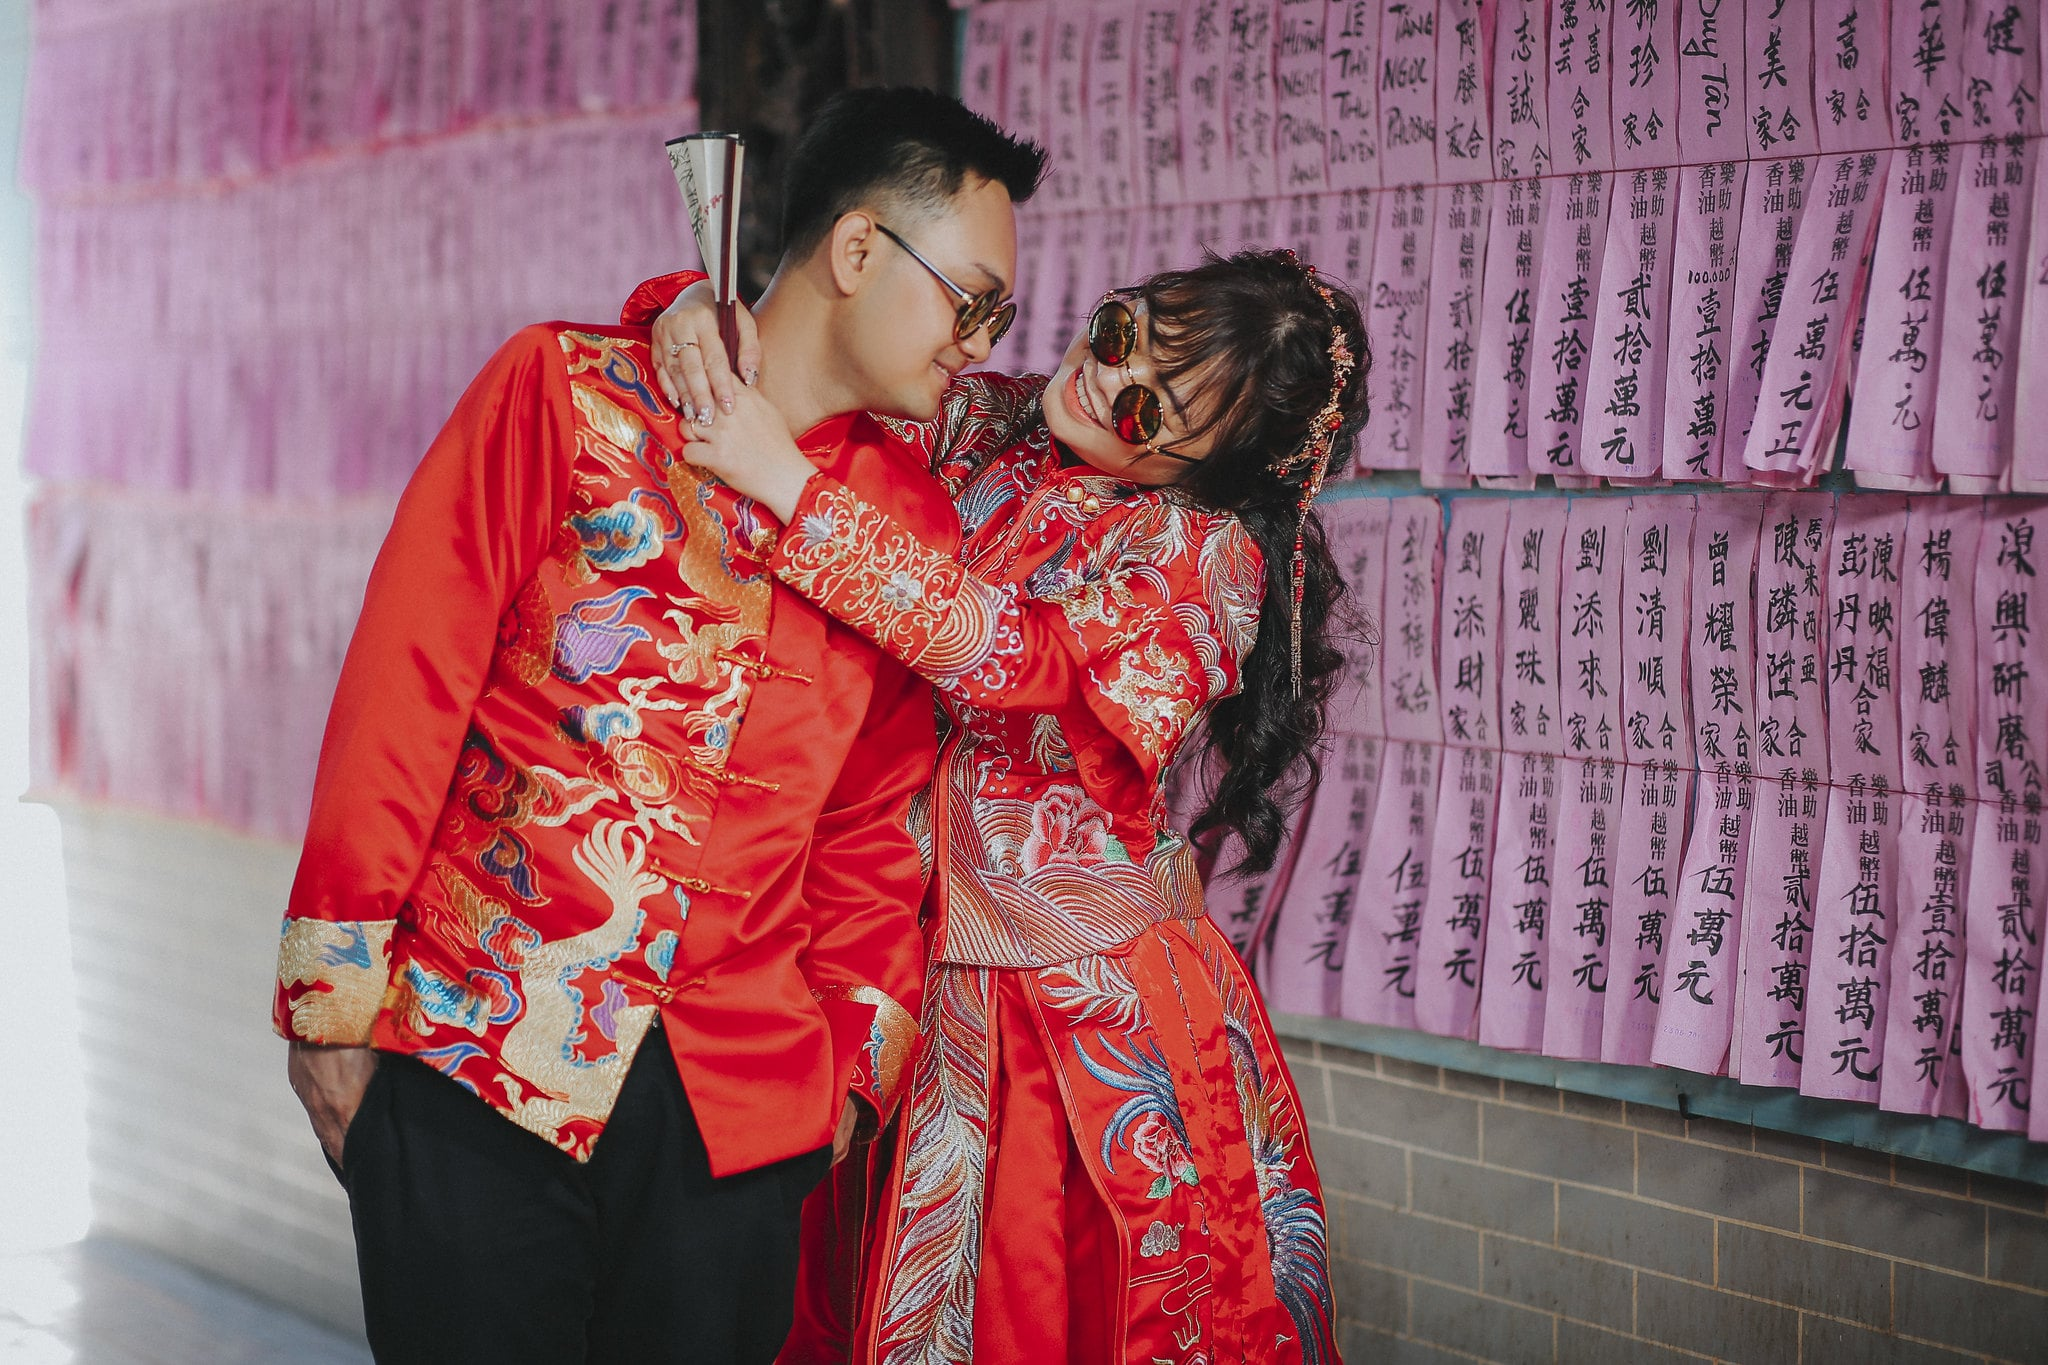 couple co trang 12 - Bộ ảnh couple cổ trang chụp tại chùa bà thiên hậu- HThao Studio